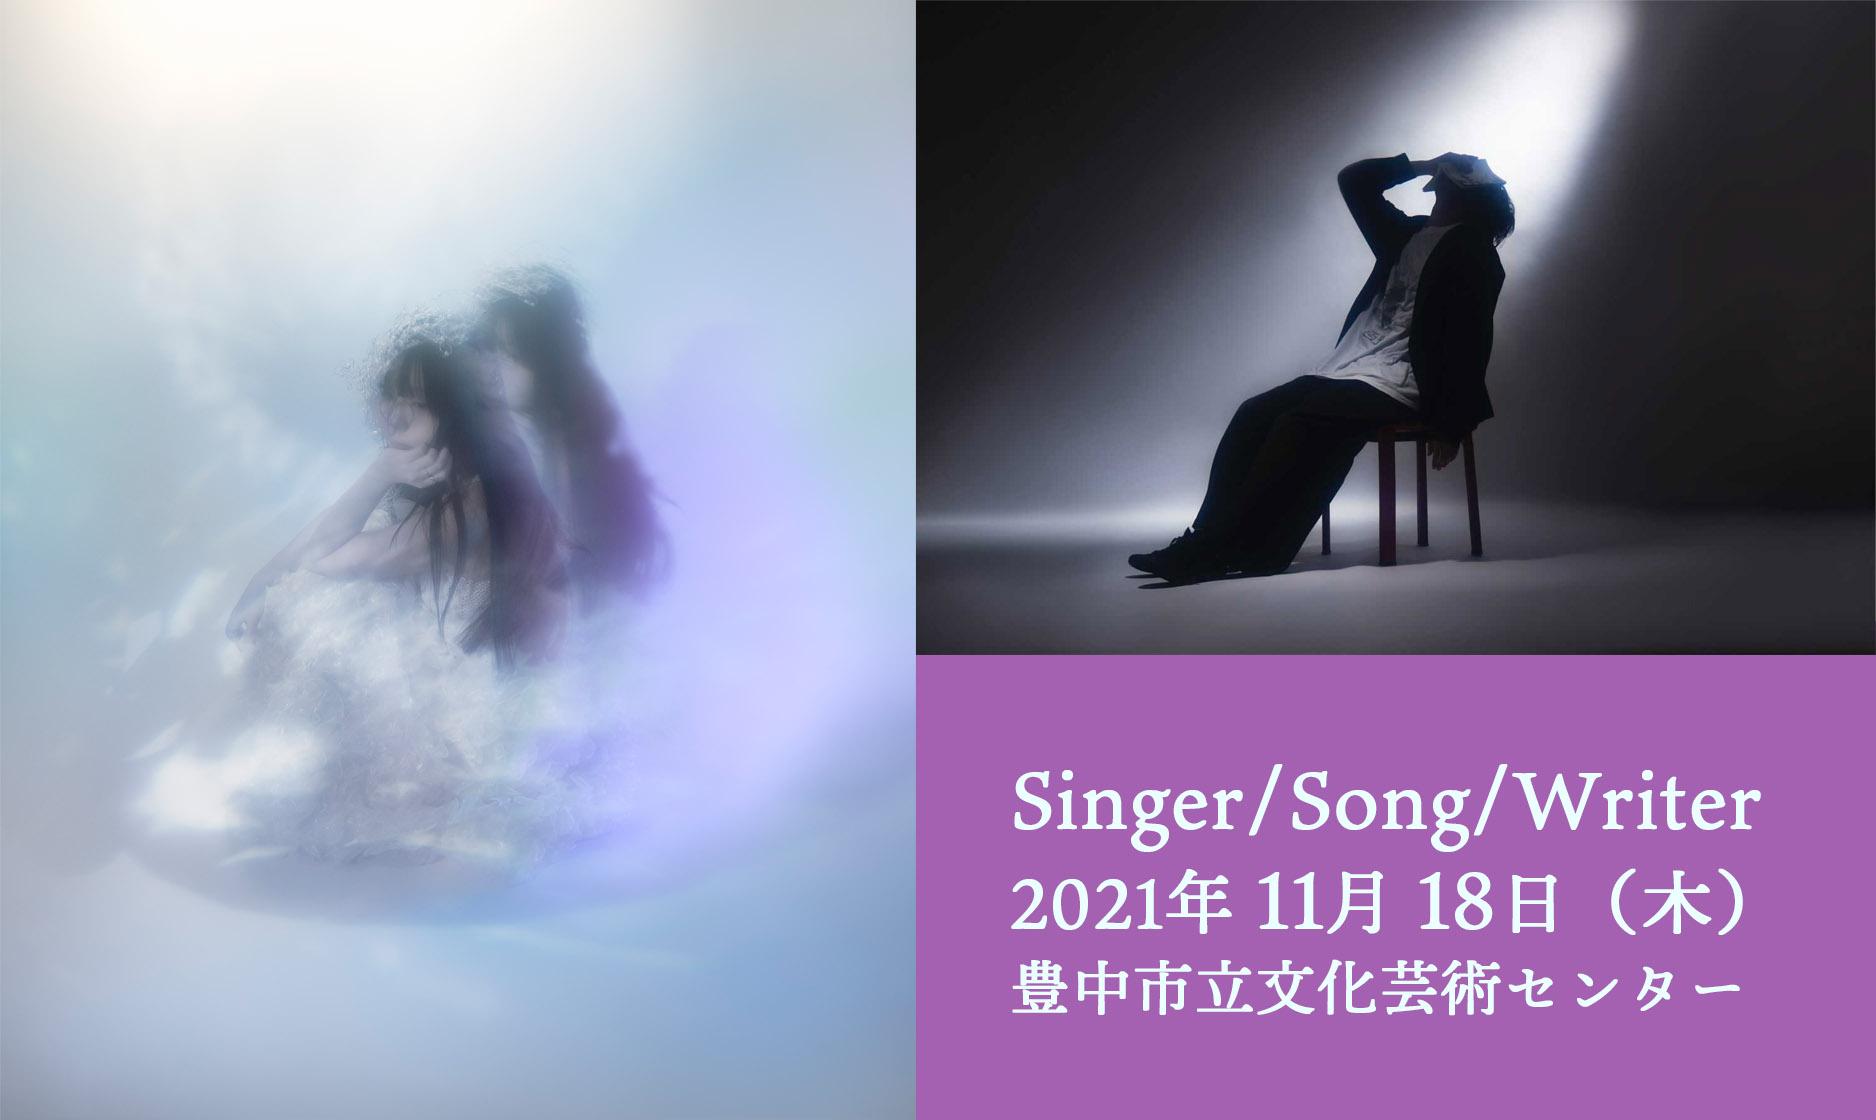 Singer/Song/Writer